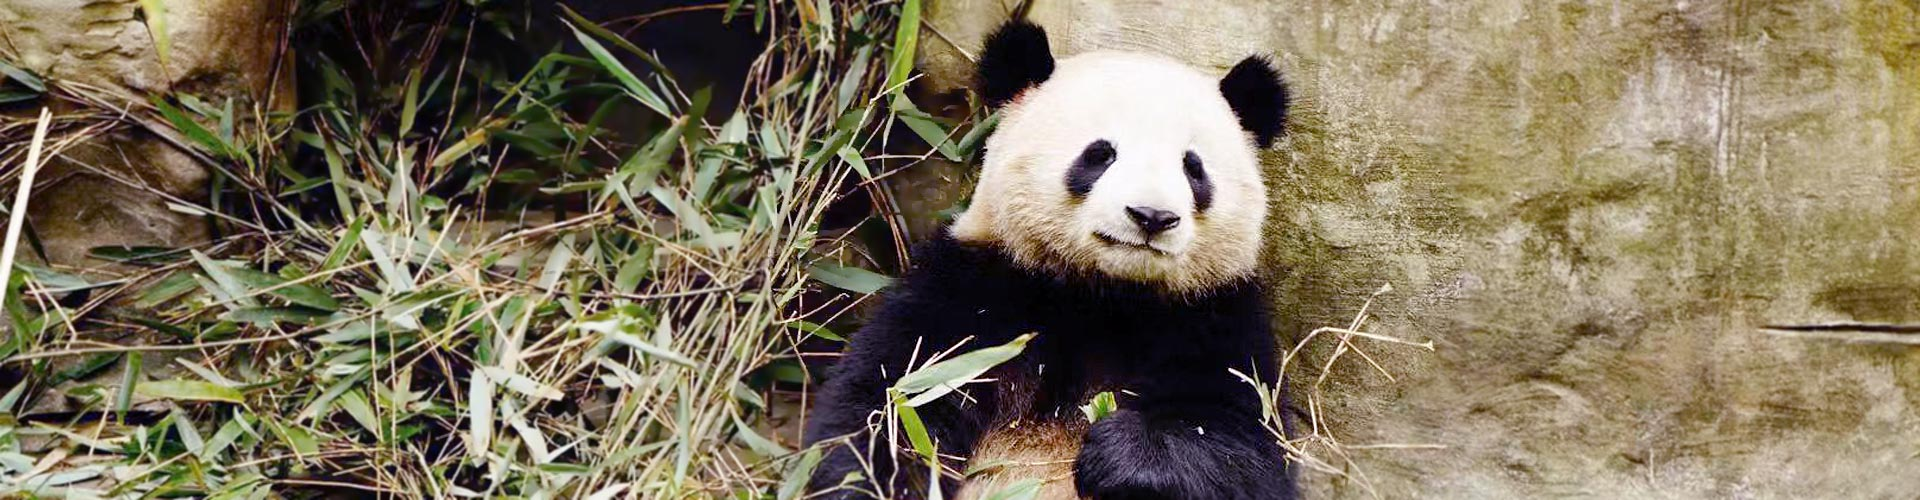 centro de oso panda